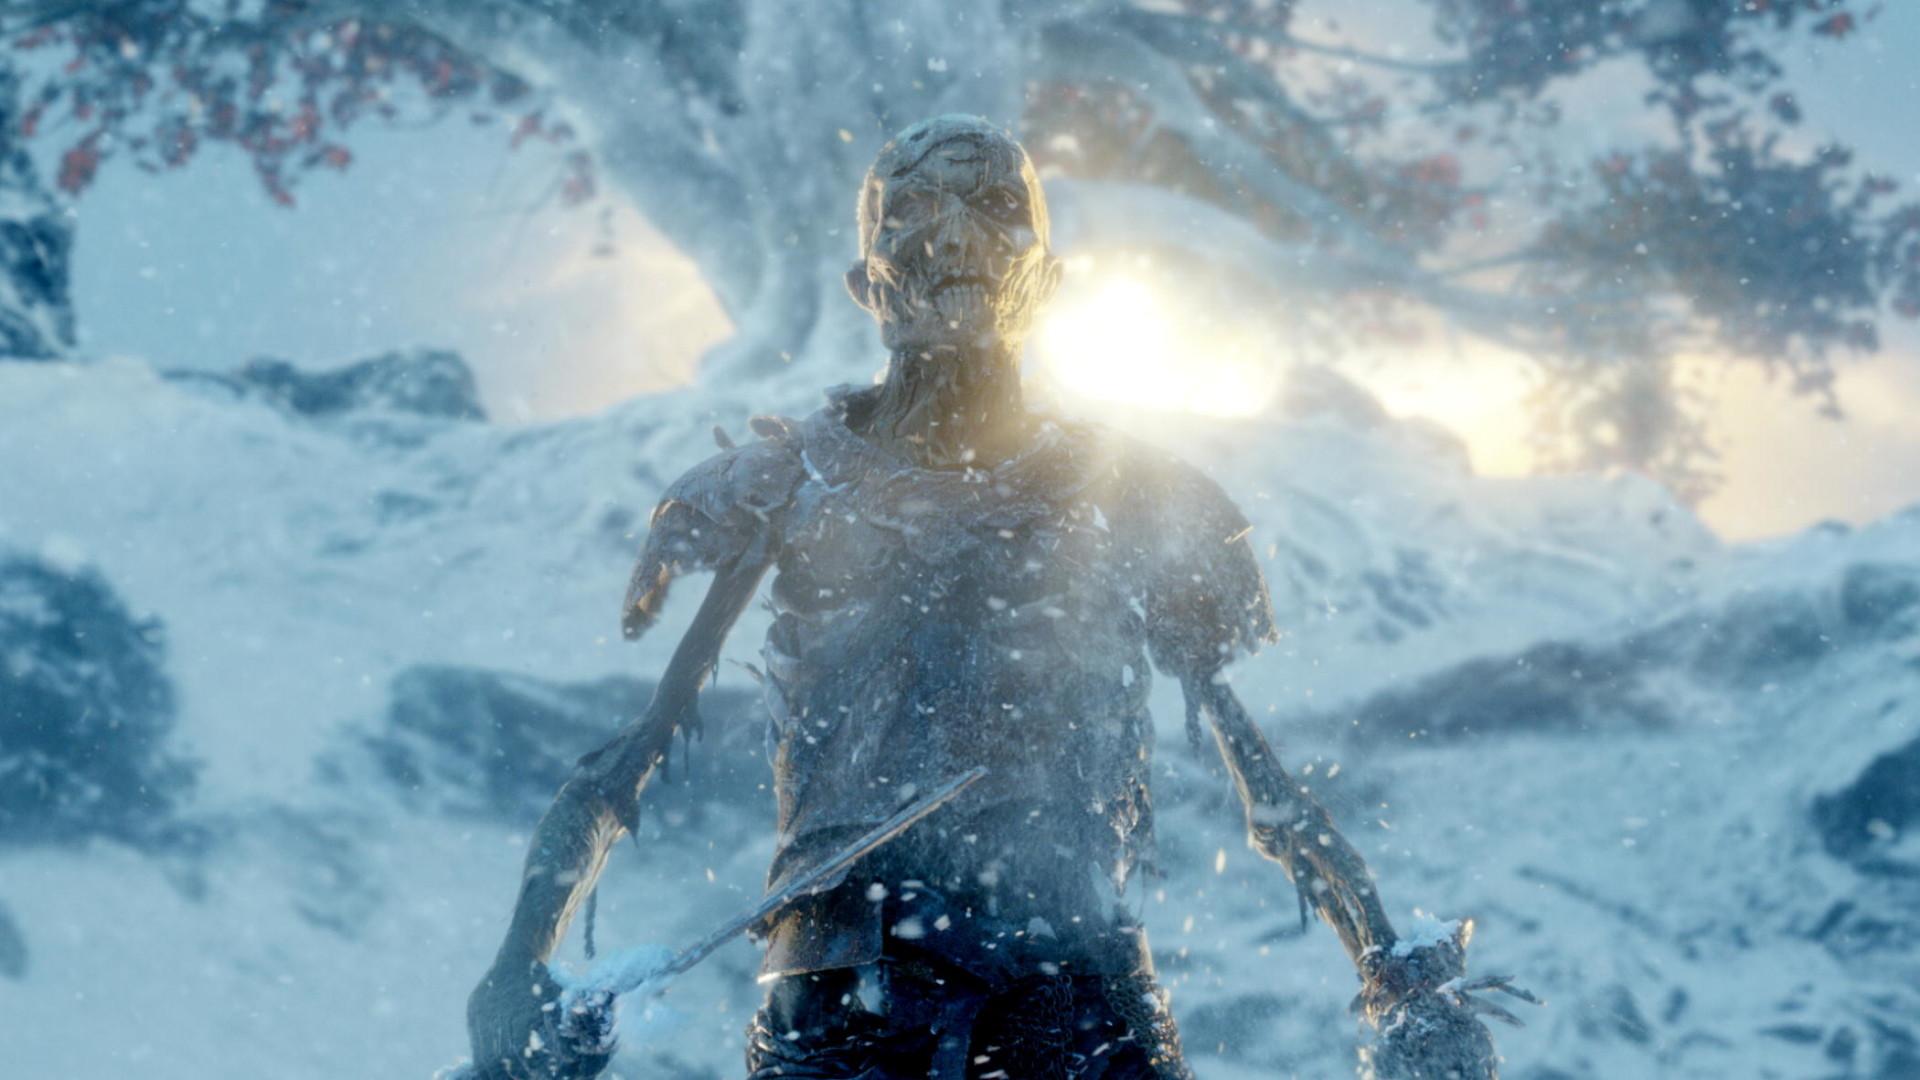 TV Show Game Of Thrones White Walker Wallpaper